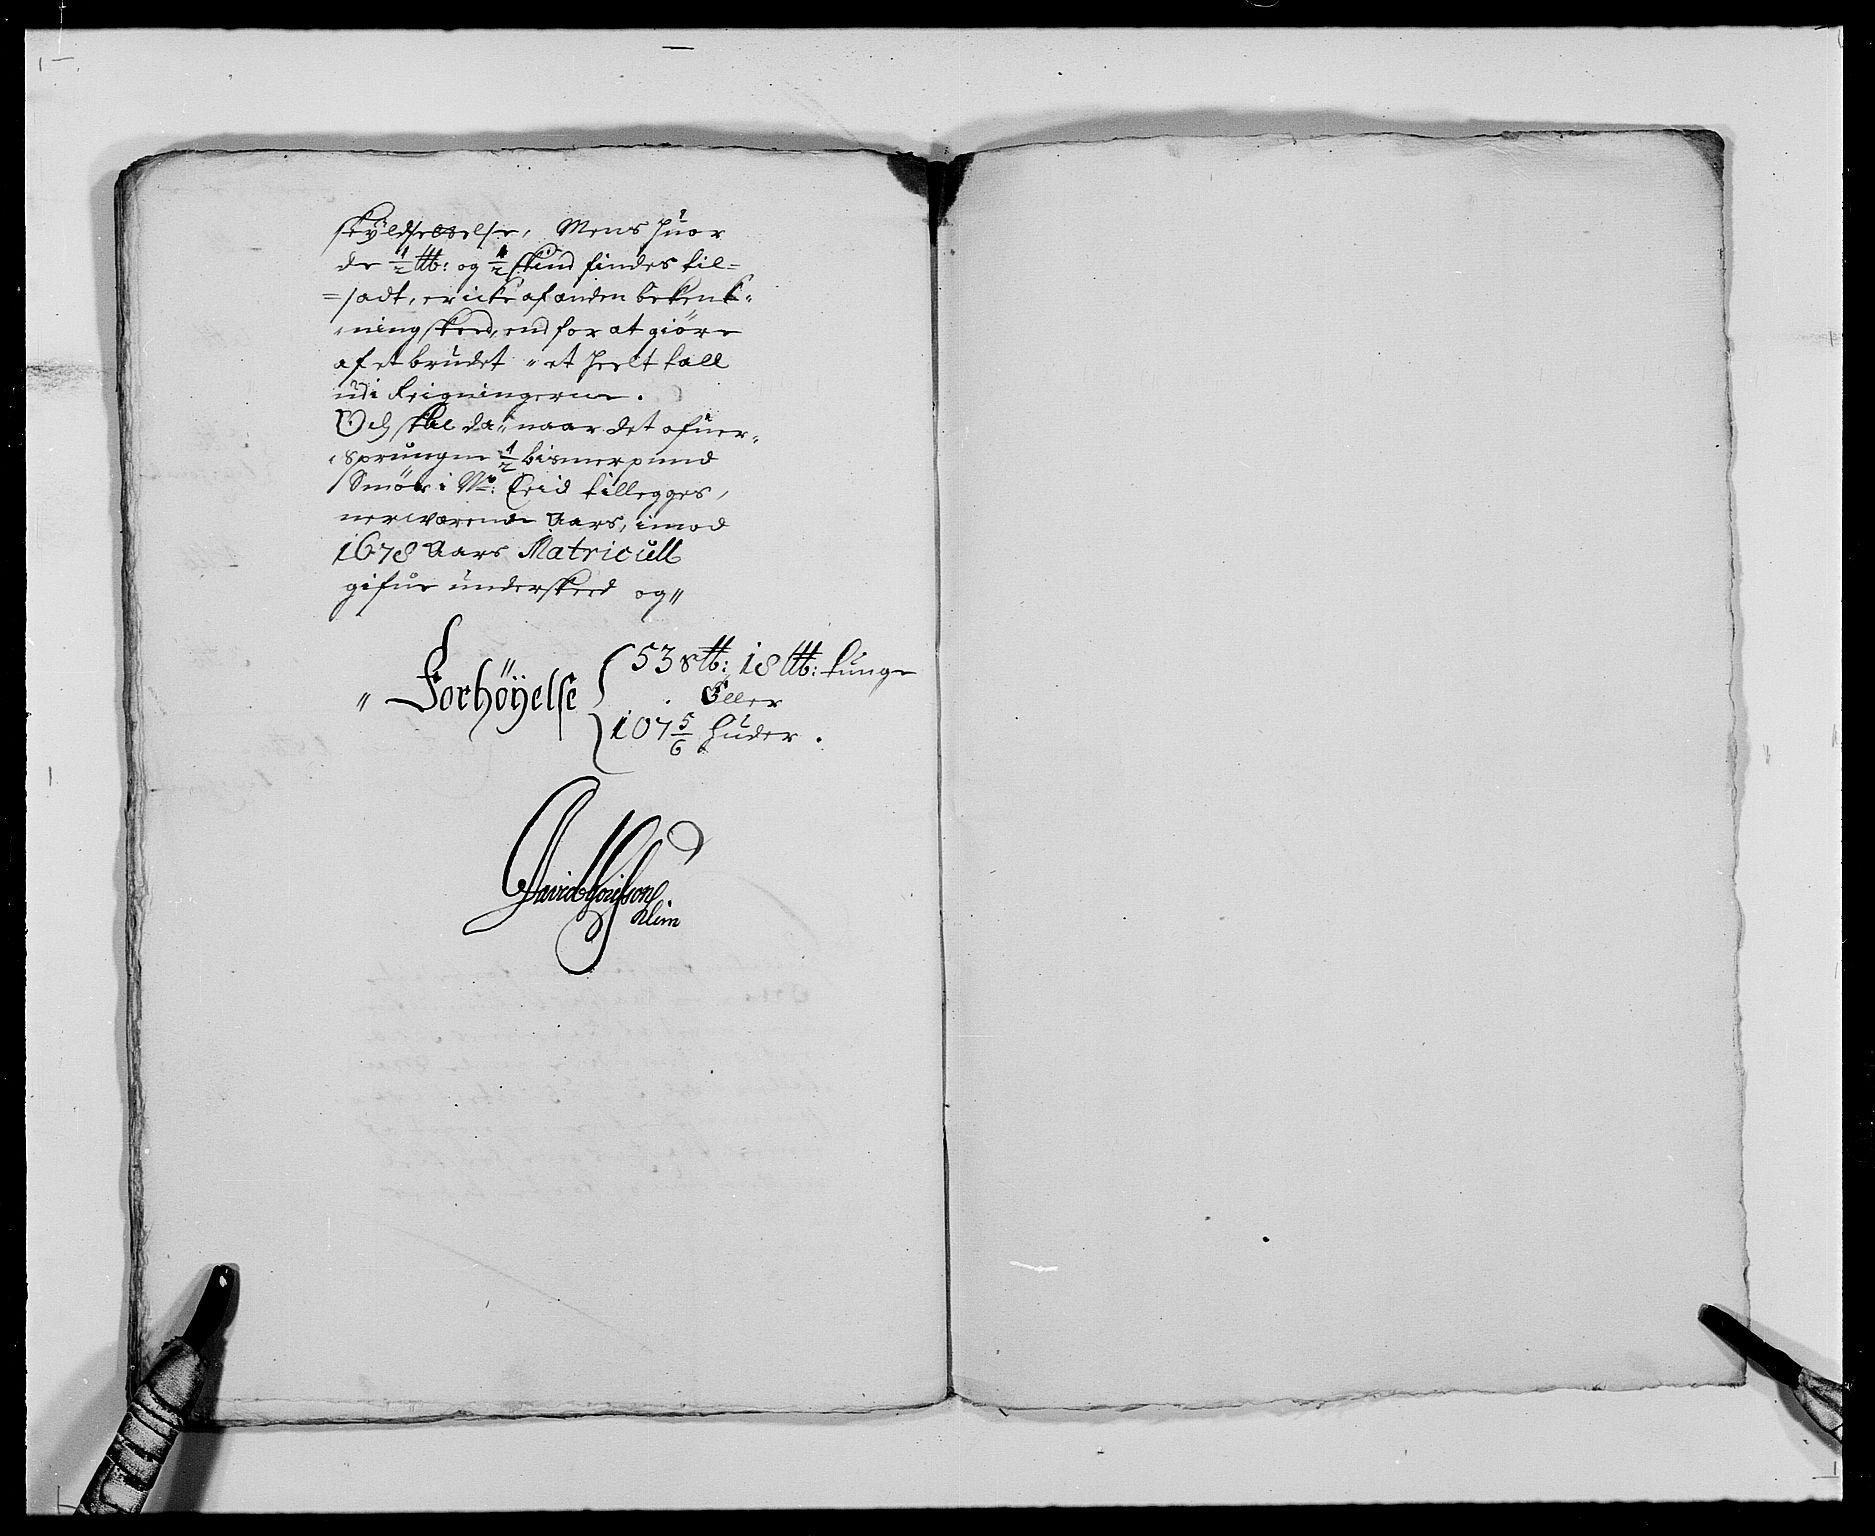 RA, Rentekammeret inntil 1814, Reviderte regnskaper, Fogderegnskap, R24/L1573: Fogderegnskap Numedal og Sandsvær, 1687-1691, s. 220